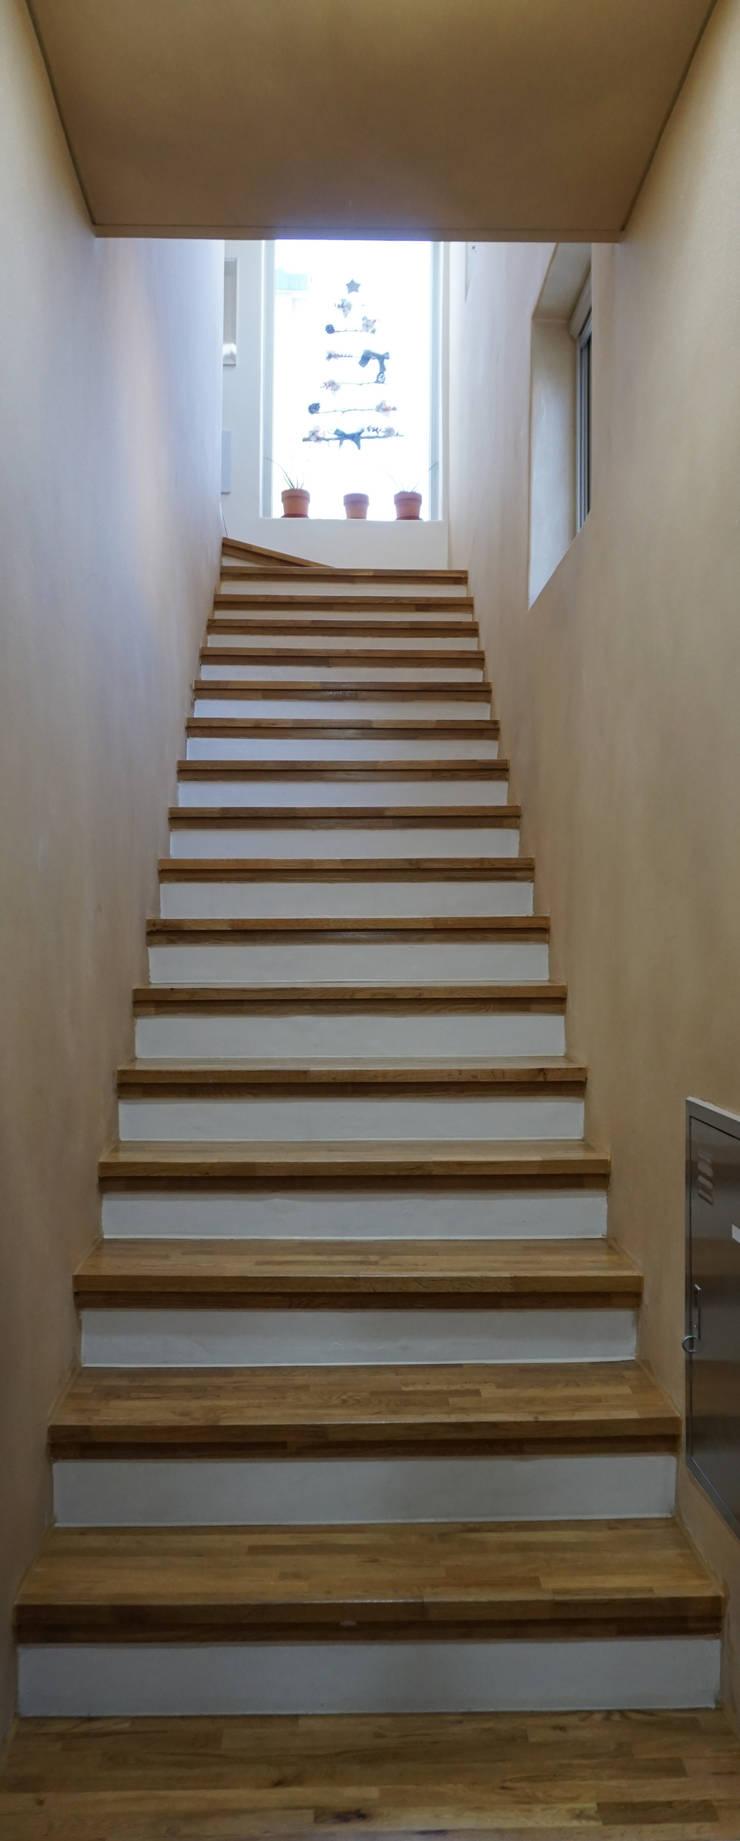 1-2층 계단: 건축그룹 [tam]의  계단,